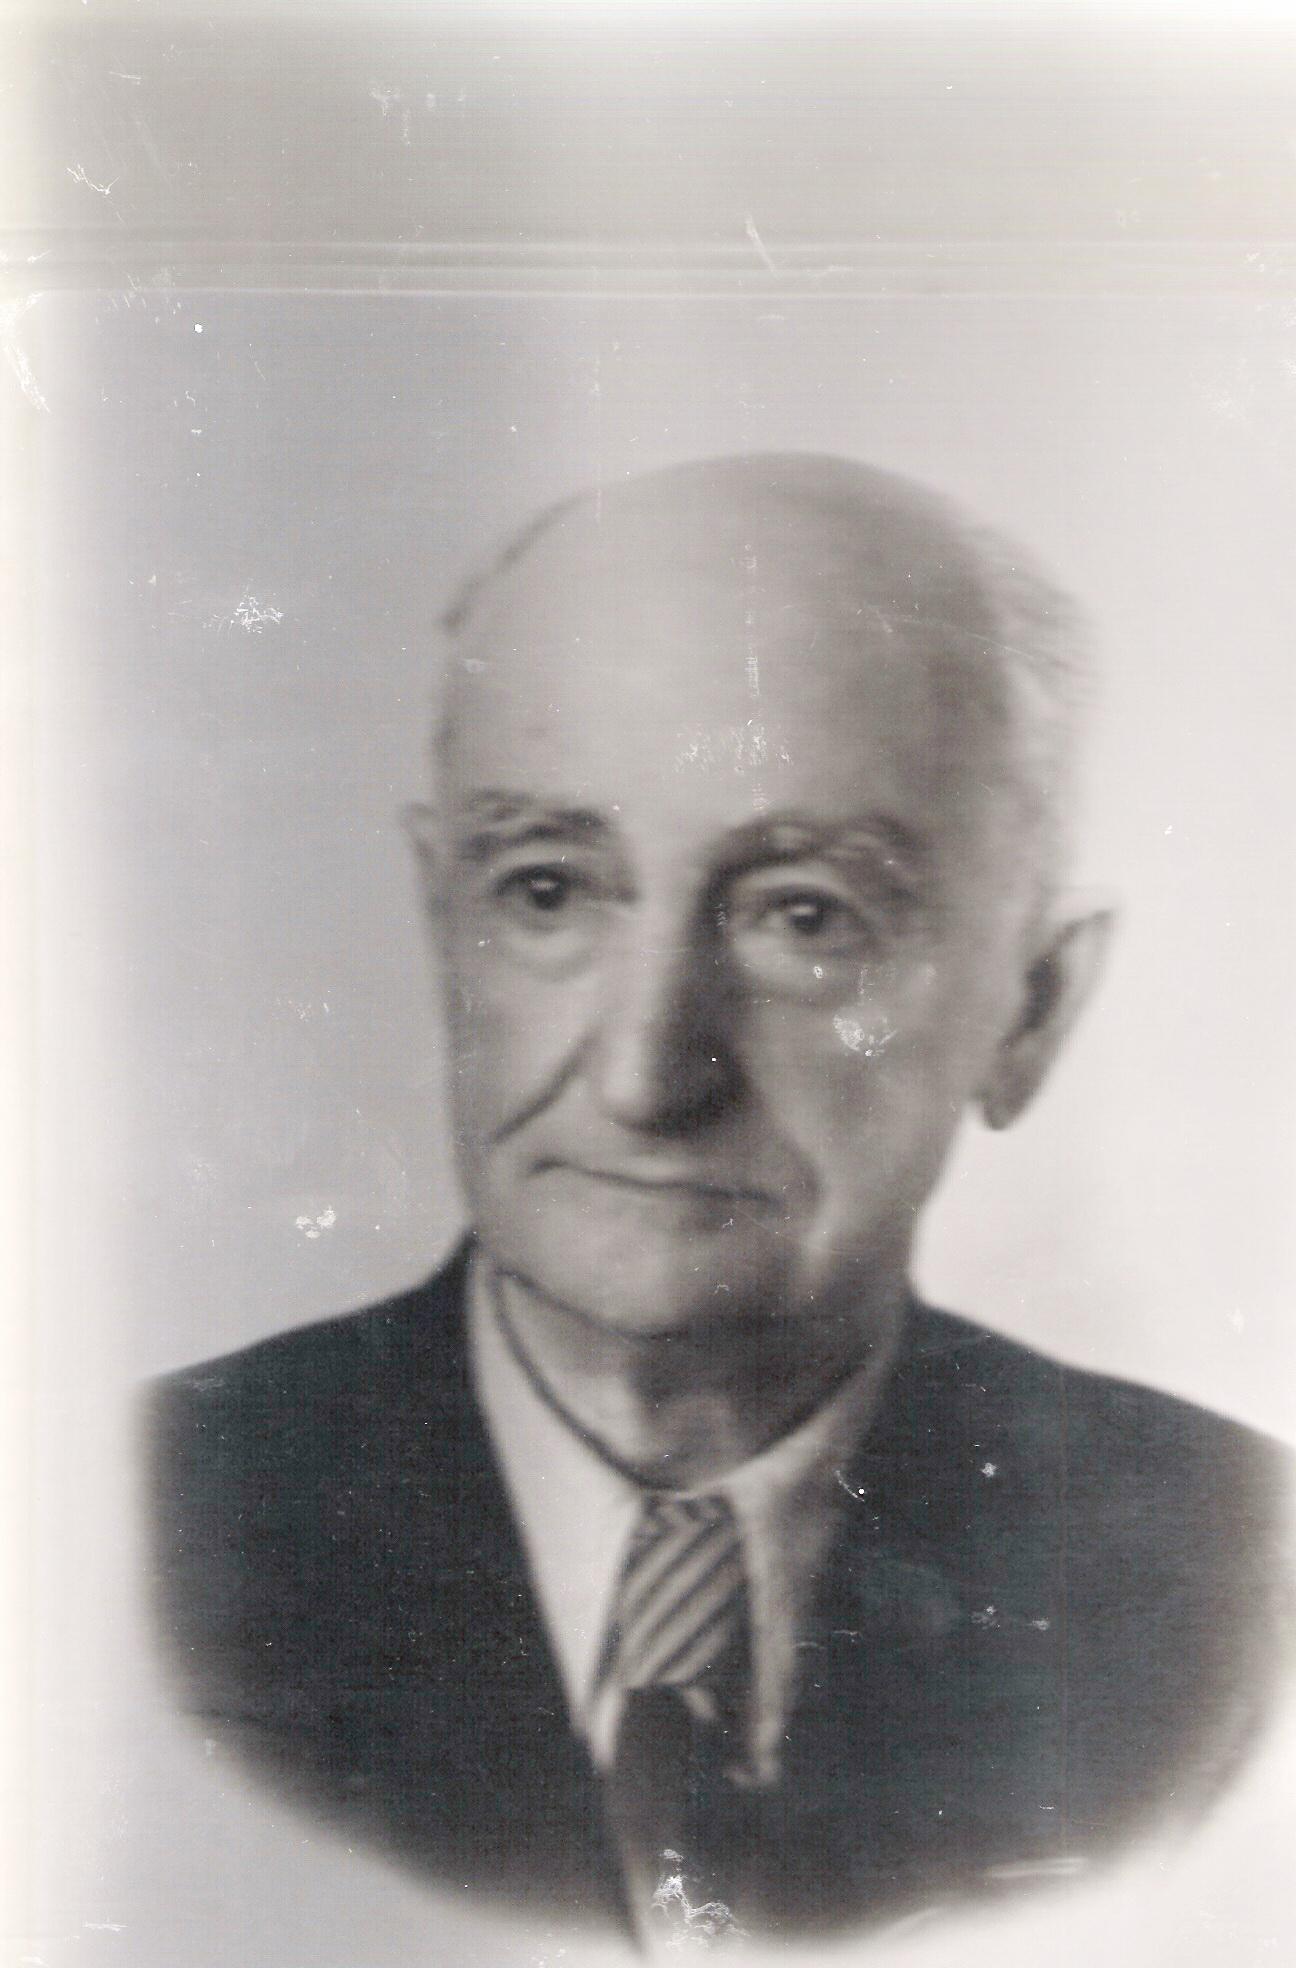 Василий Иванович Иоаниди. Фото, сделанное к 75-летию